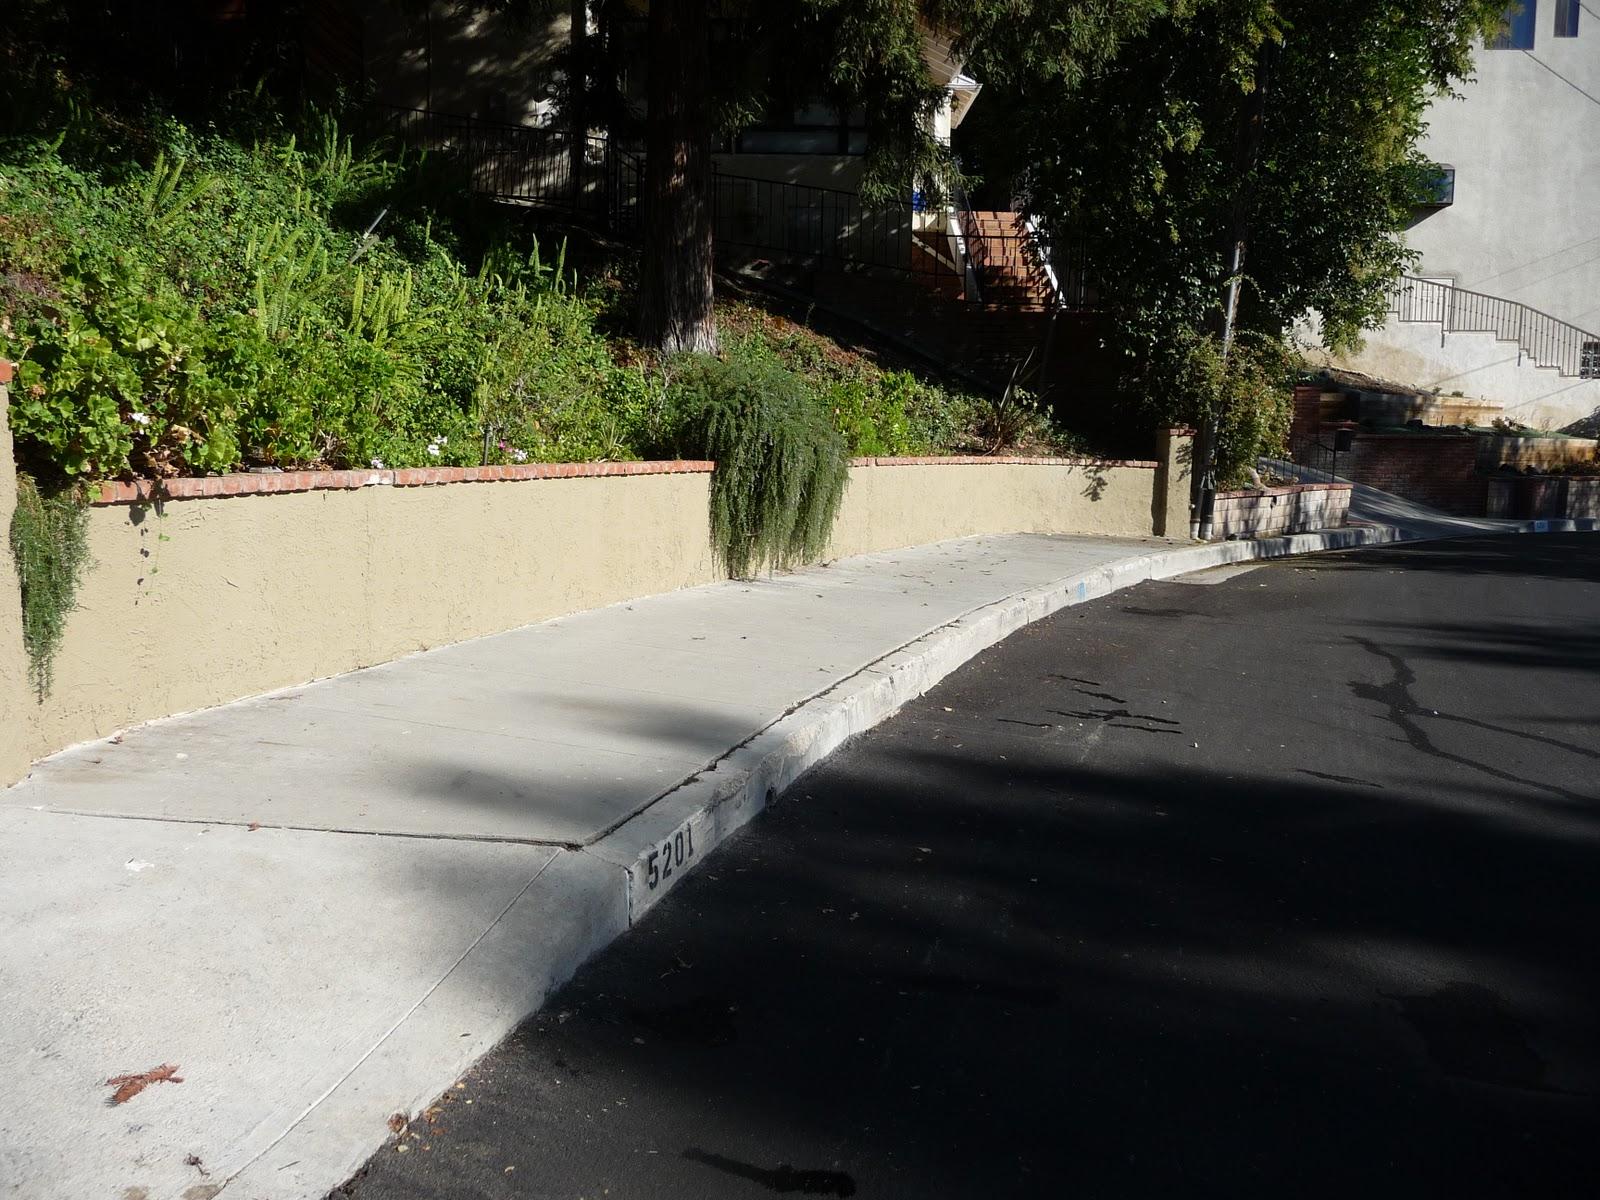 Where the Sidewalk Starts: Sidewalk Hall of Shame